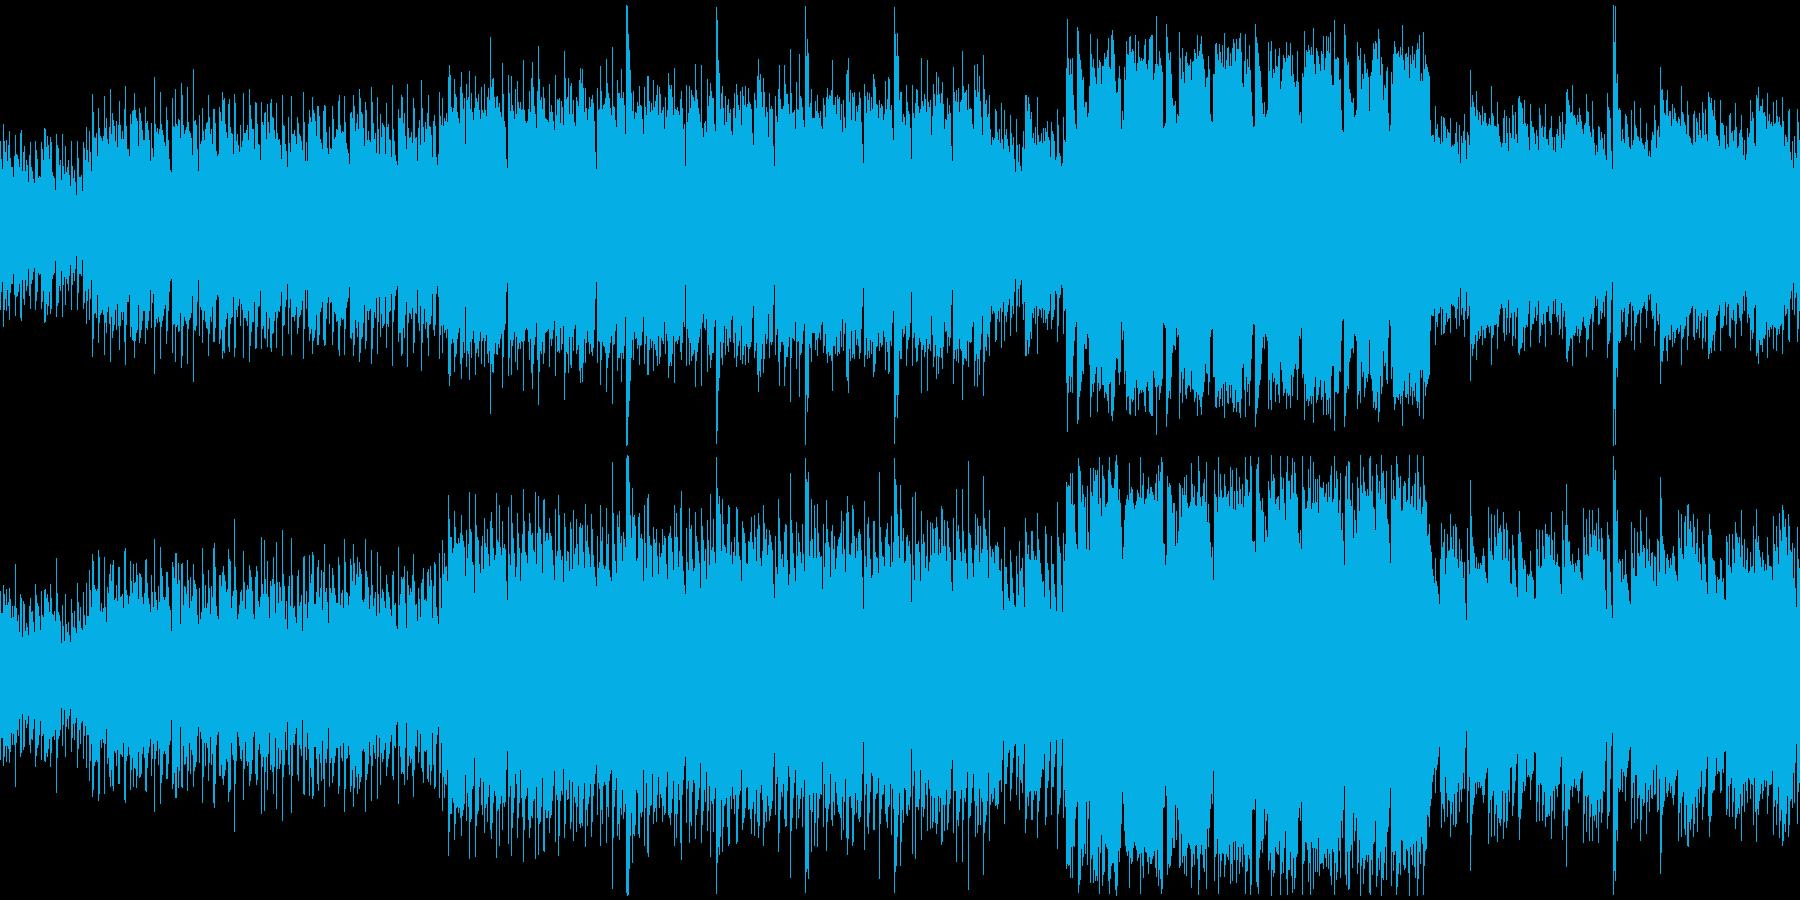 【ループ】超有名ホラーテーマ曲のパロディの再生済みの波形